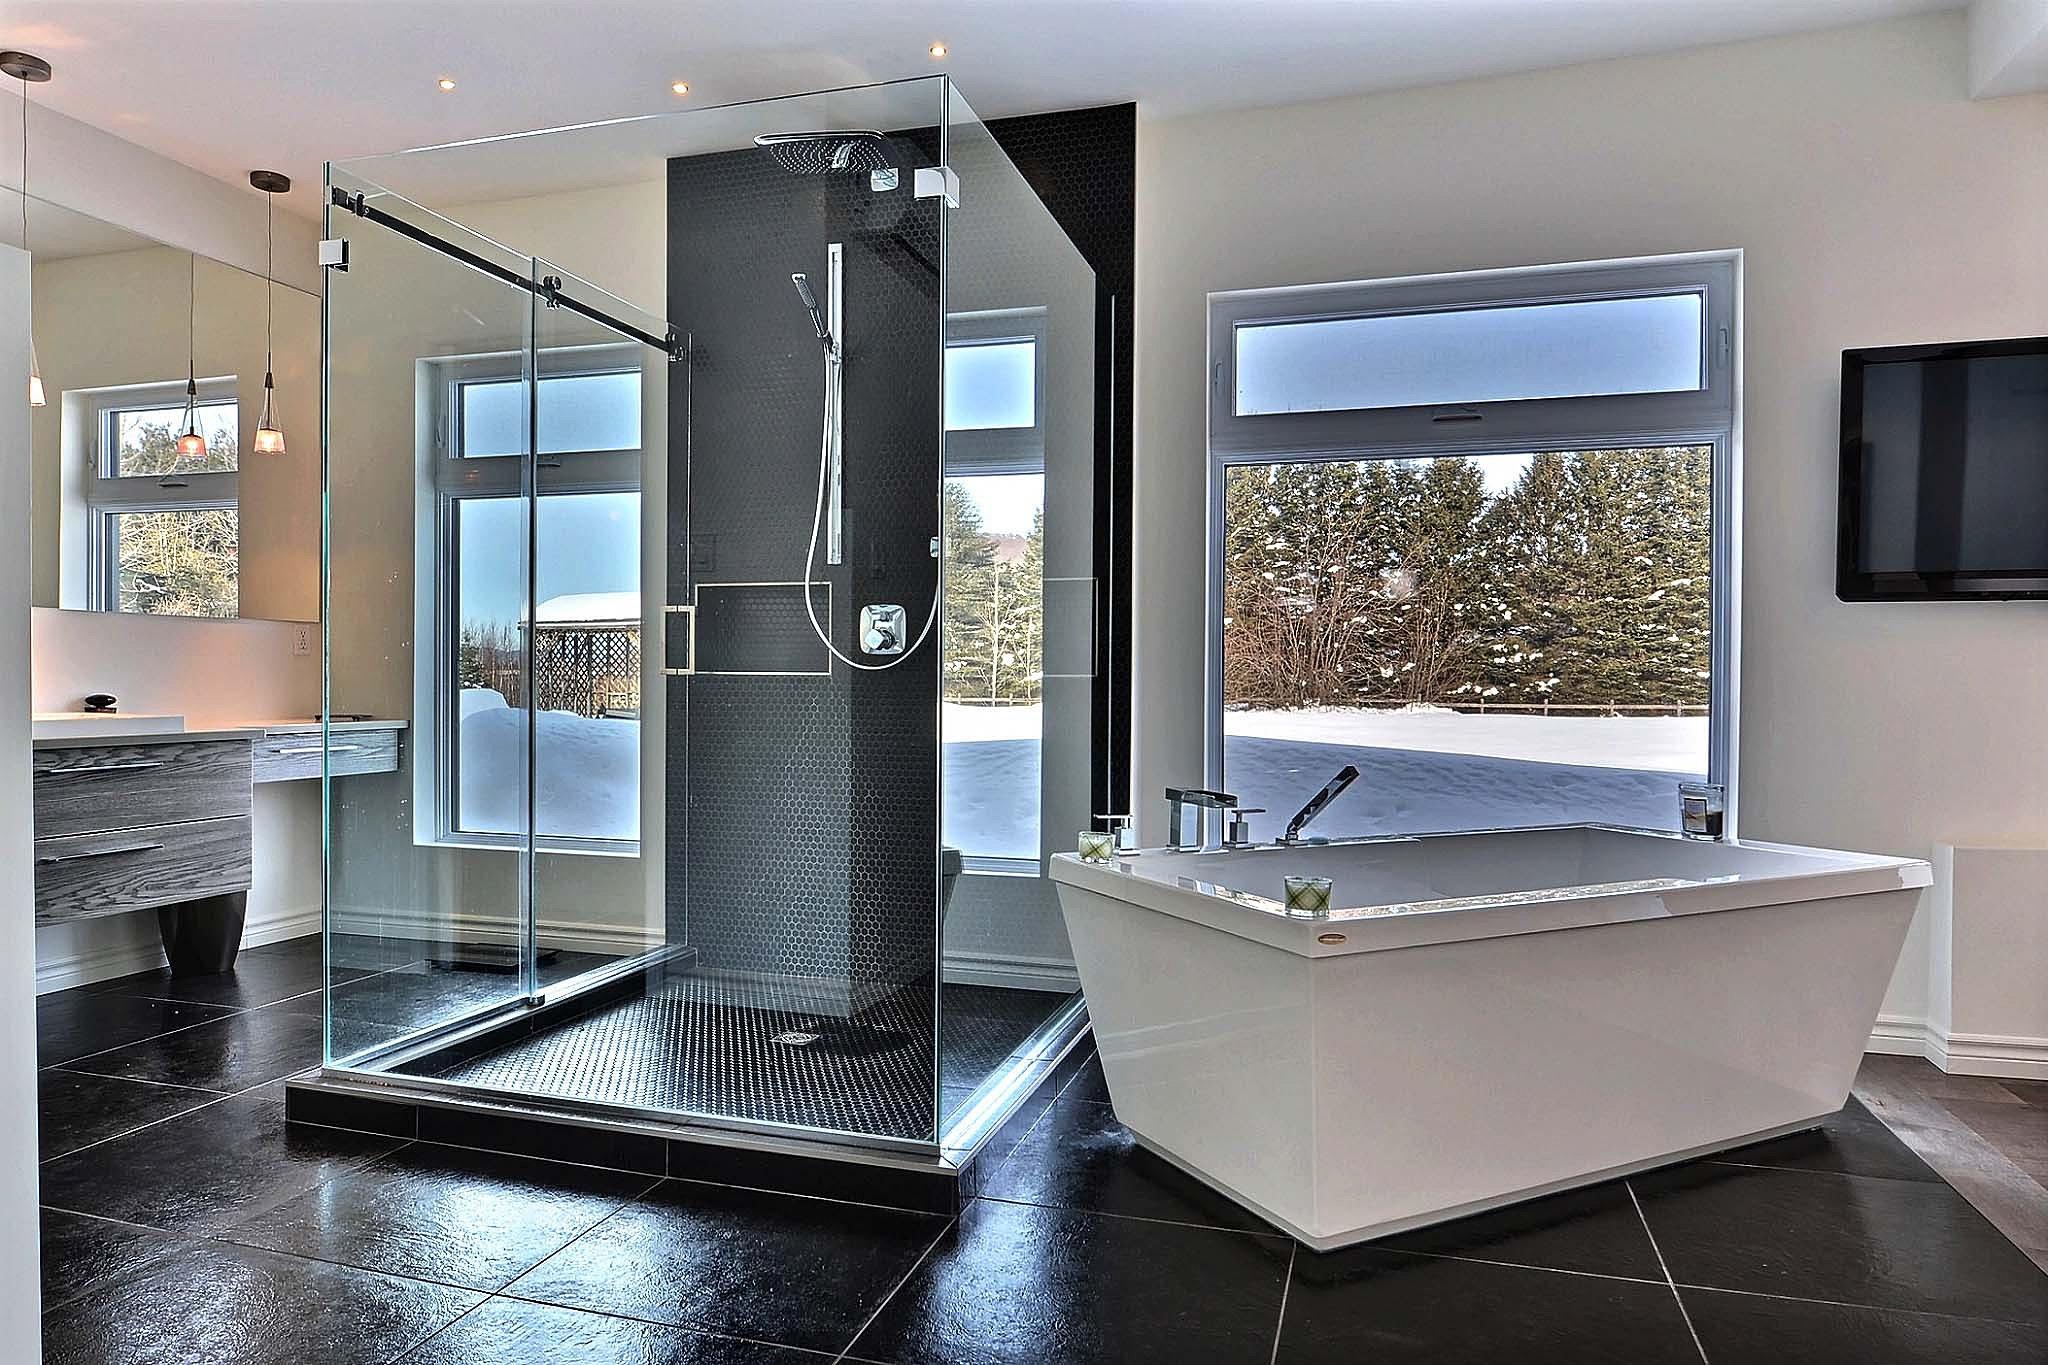 K par k cuisines et salles de bain douche de c ramique for Salle de bain ceramique photo